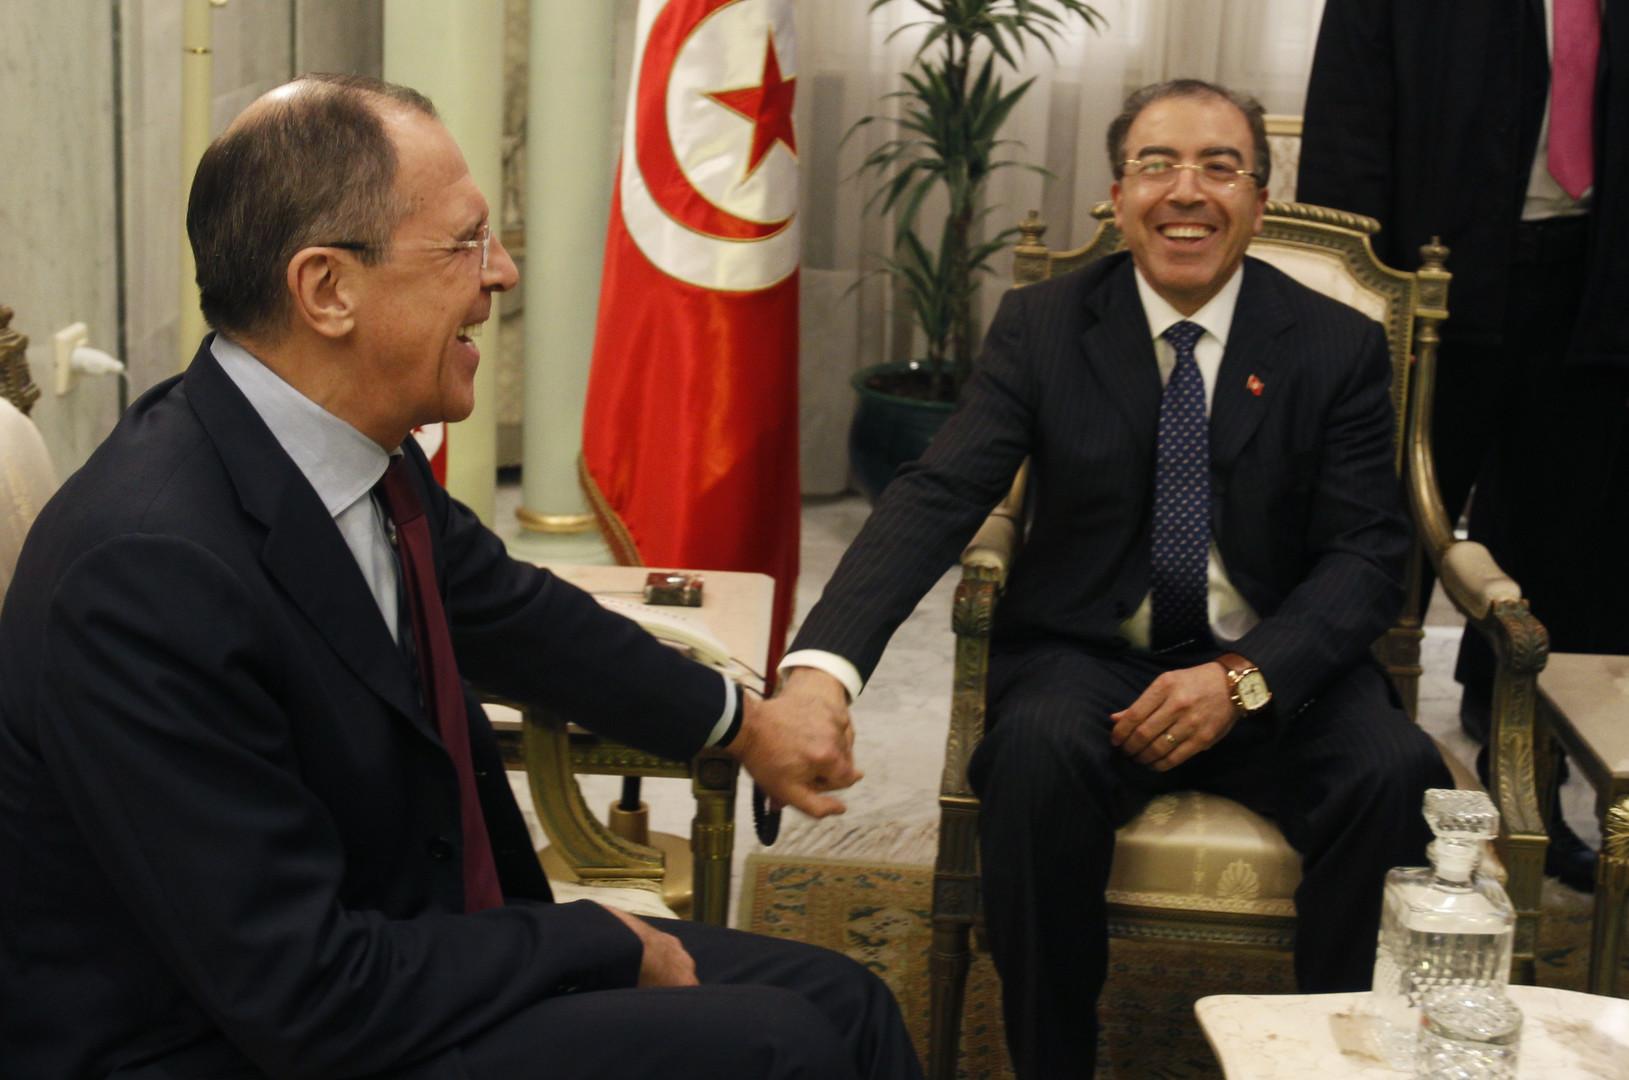 Der tunesische Außenminister Mongi Hamdi hält Händchen mit Sergei Lawrow.